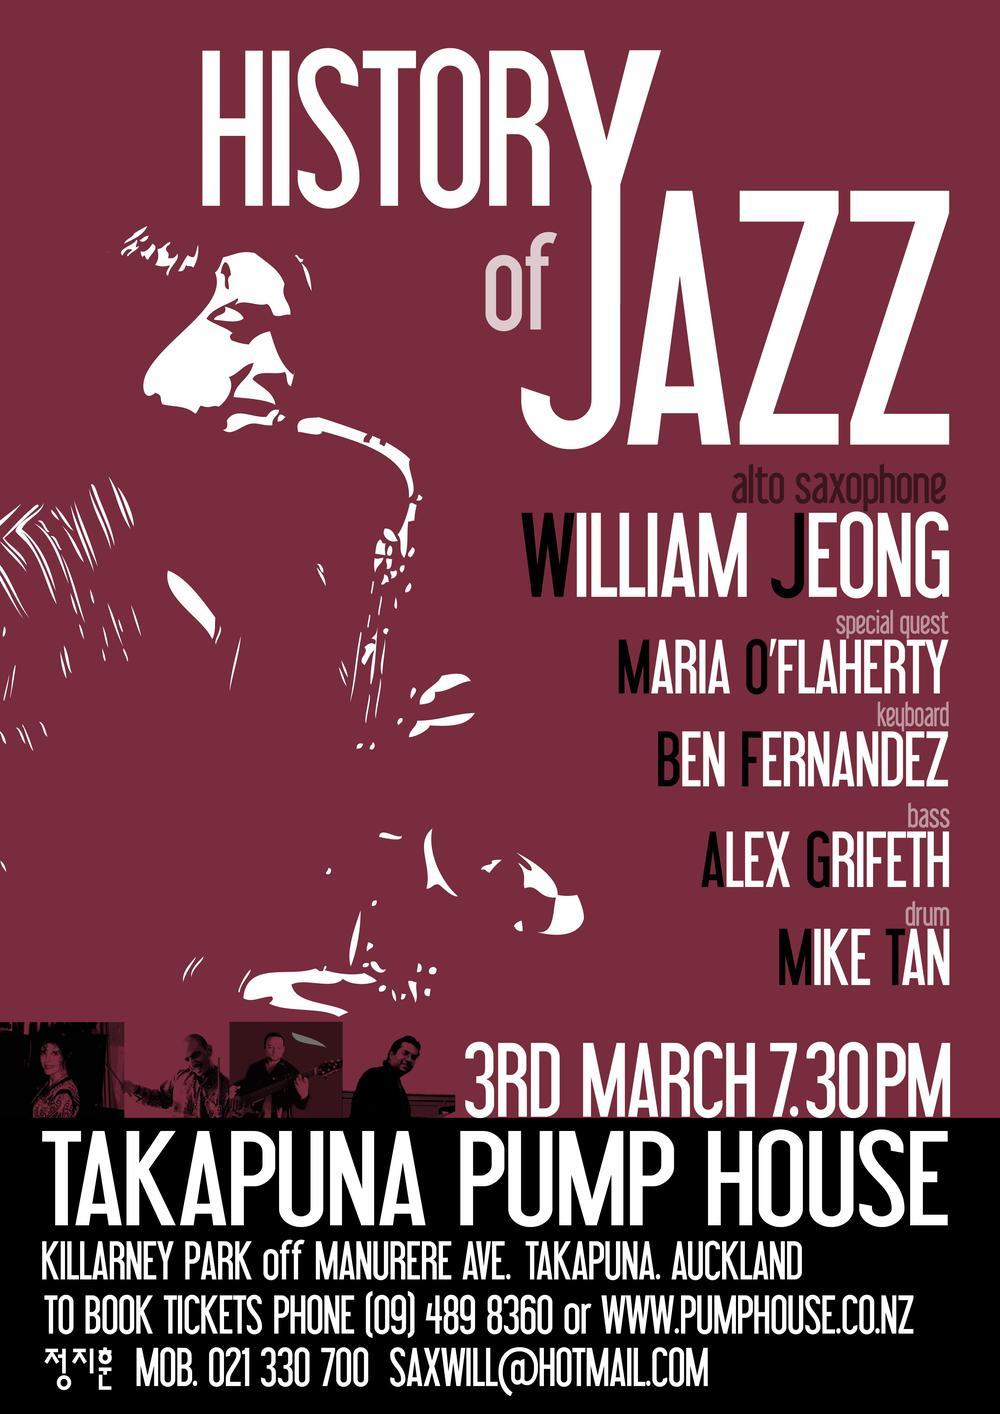 History of Jazz Part 1 / New Zealand, 2007